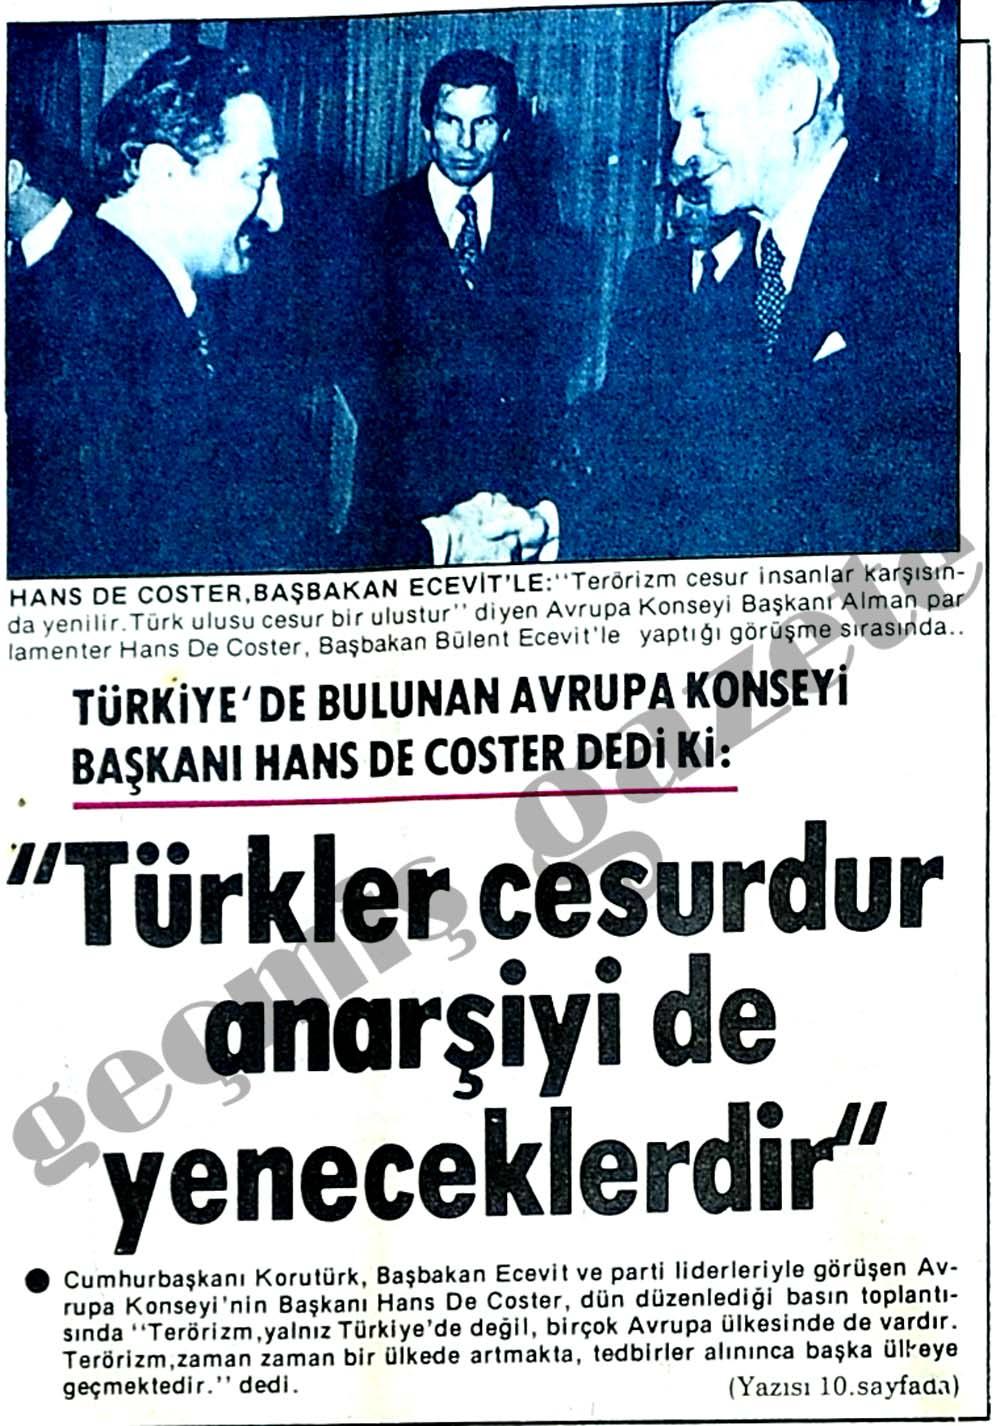 Türkler cesurdur anarşiyi de yeneceklerdir